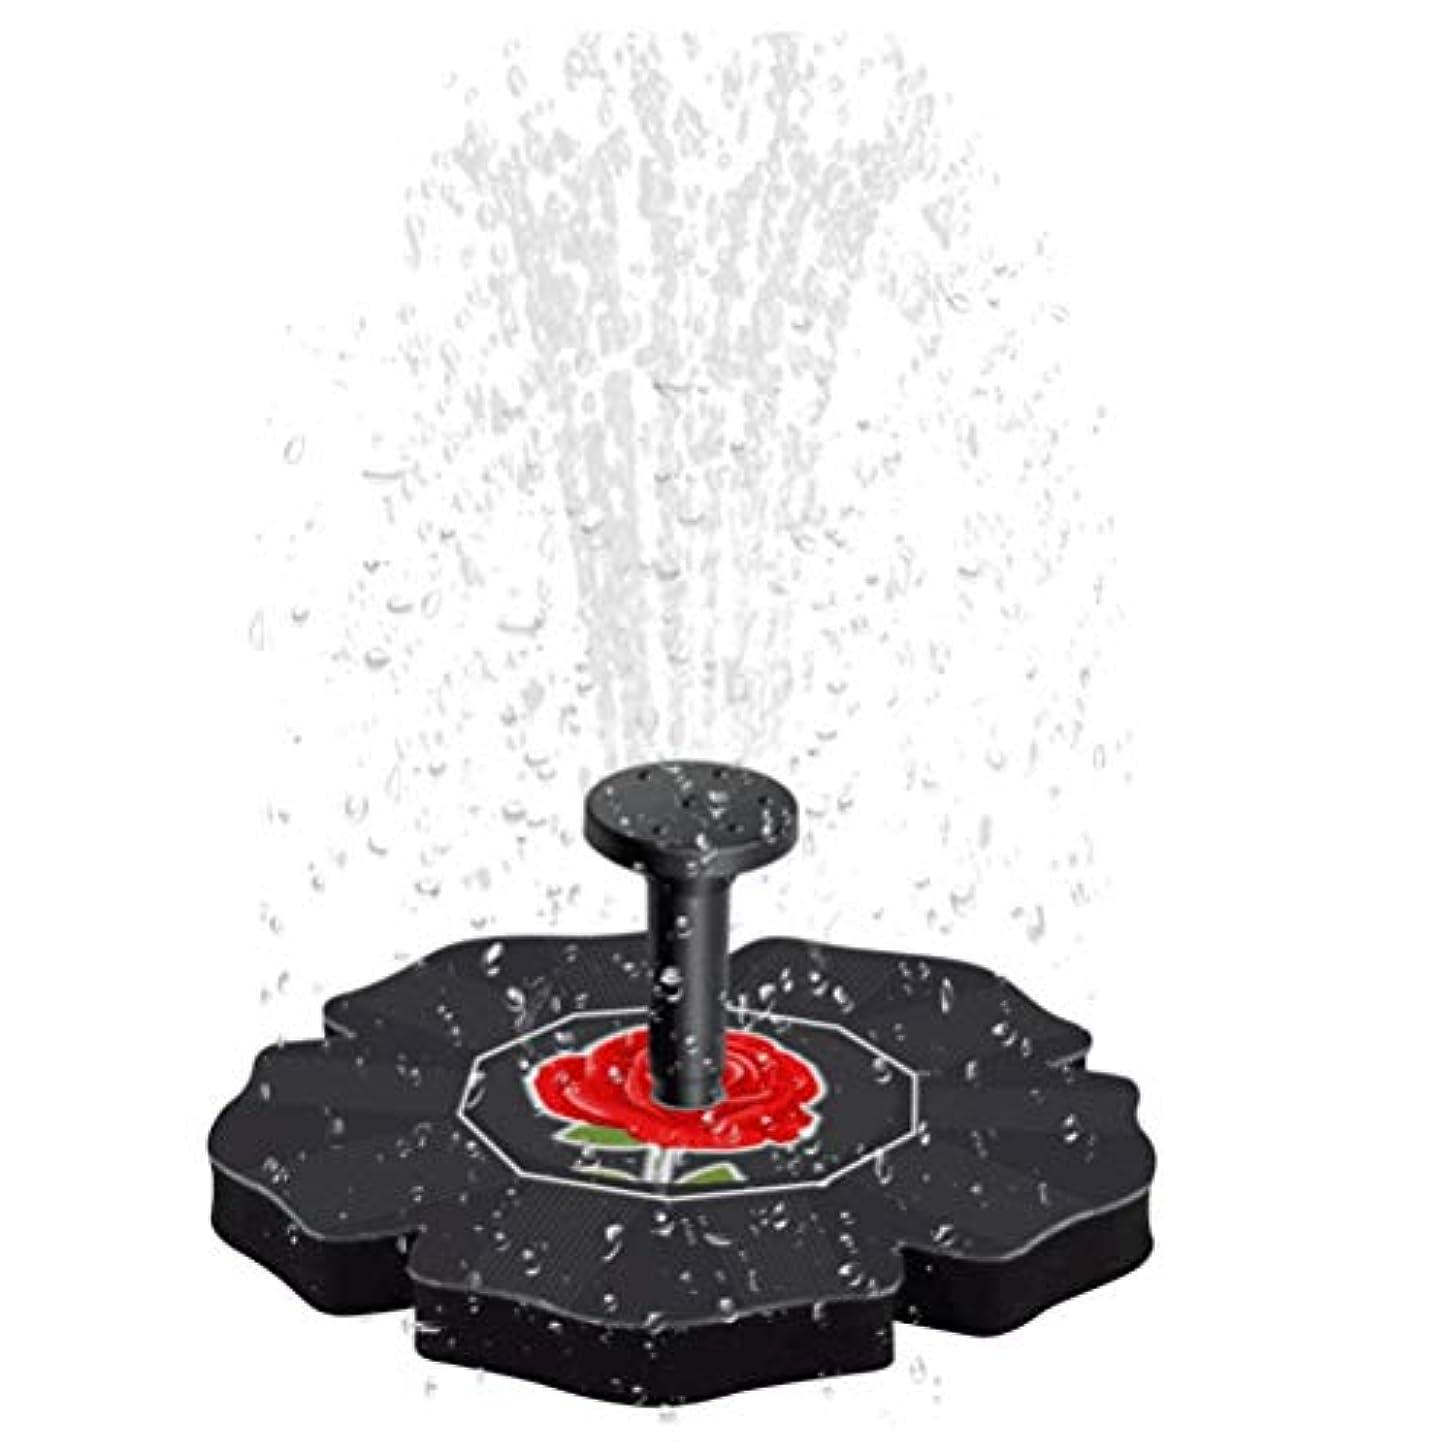 準拠柱常習的LIOOBO ソーラーパワーウォーターポンプバードバス噴水ブラシレスフローティング漂流パネル用バードバス用水槽水槽水族館ガーデン芝生